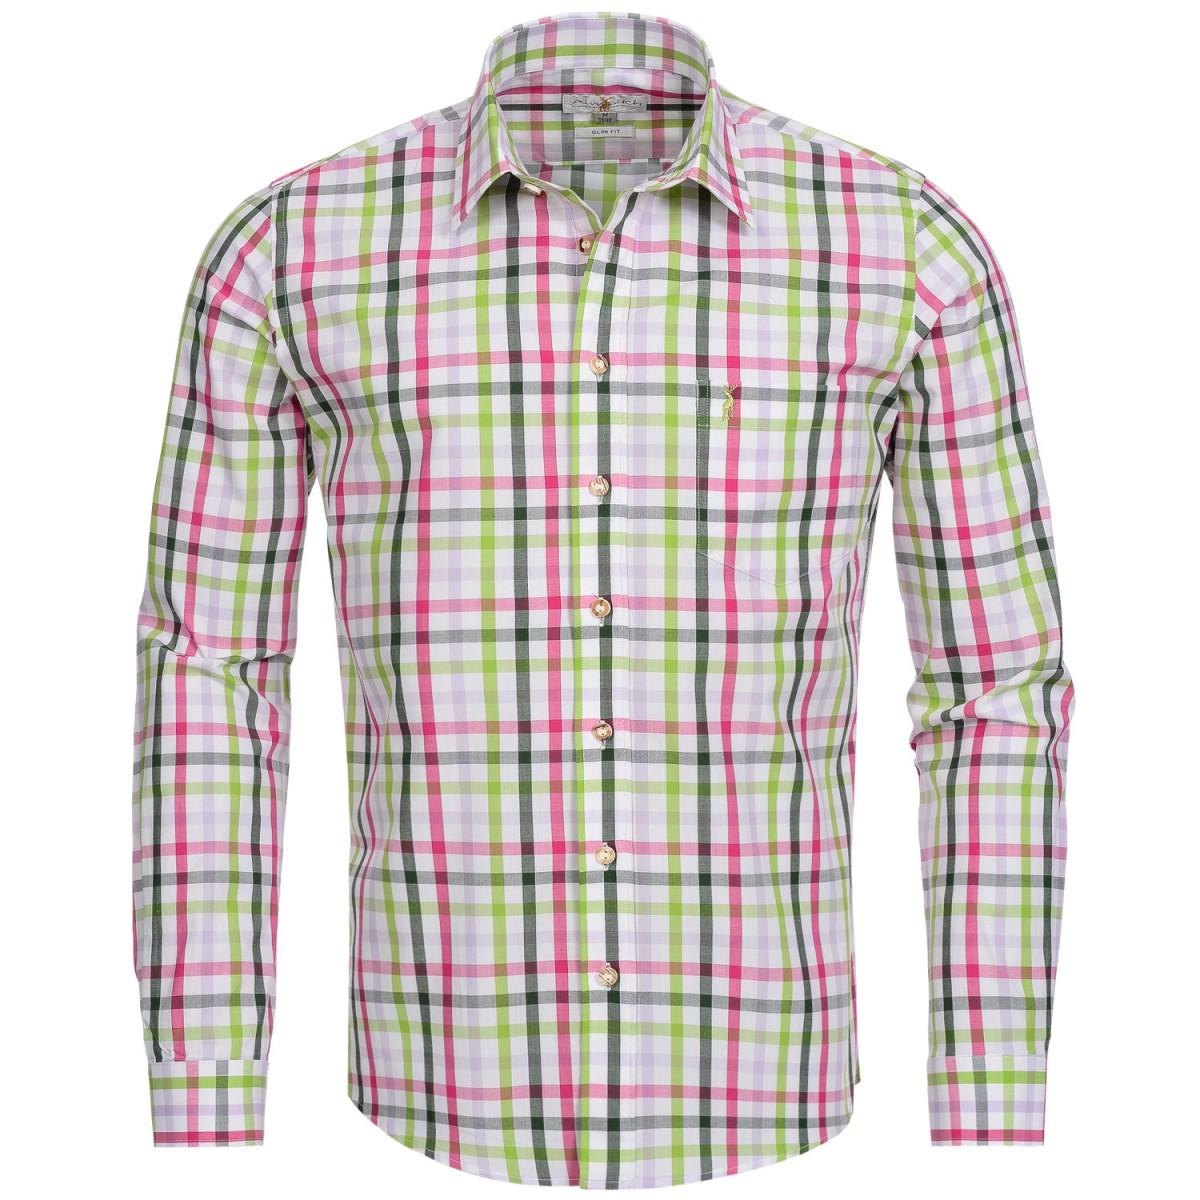 Trachtenhemd Slim Fit mehrfarbig in Pink, Hellgrün und Grün von Almsach günstig online kaufen